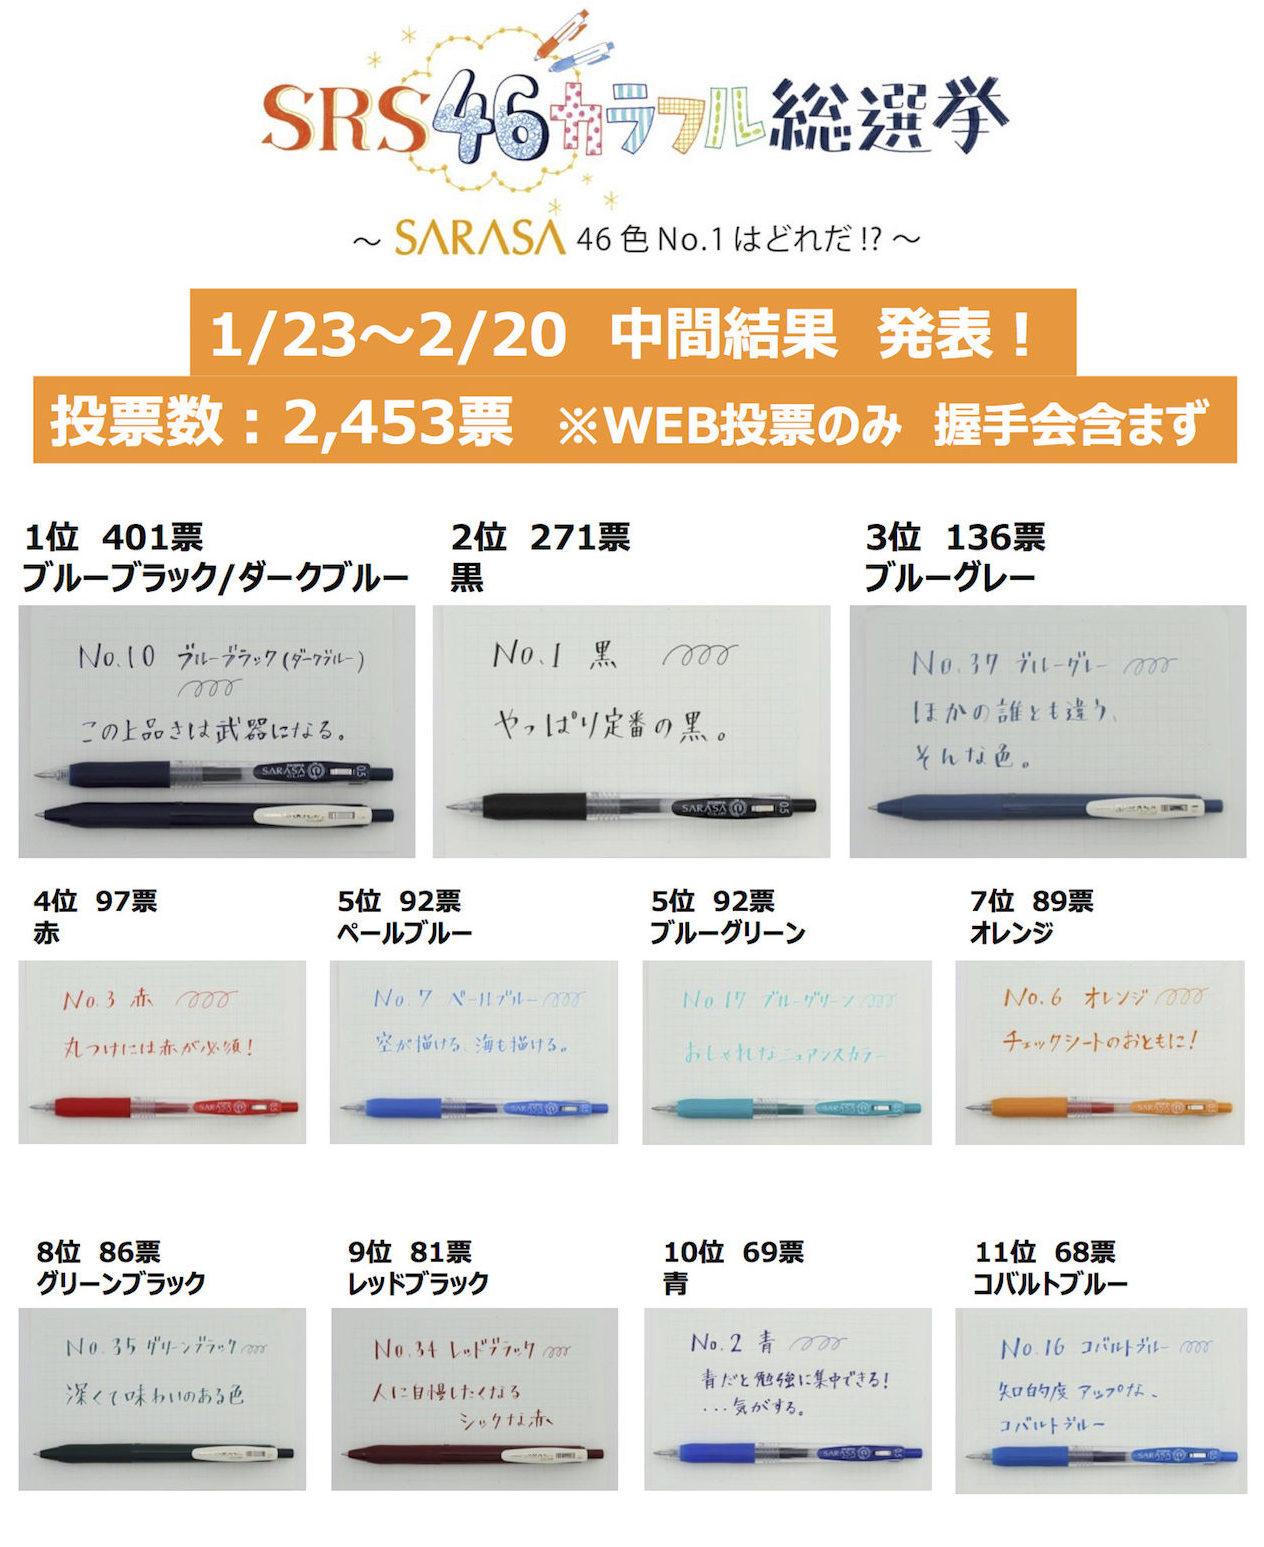 SRS46中間発表1